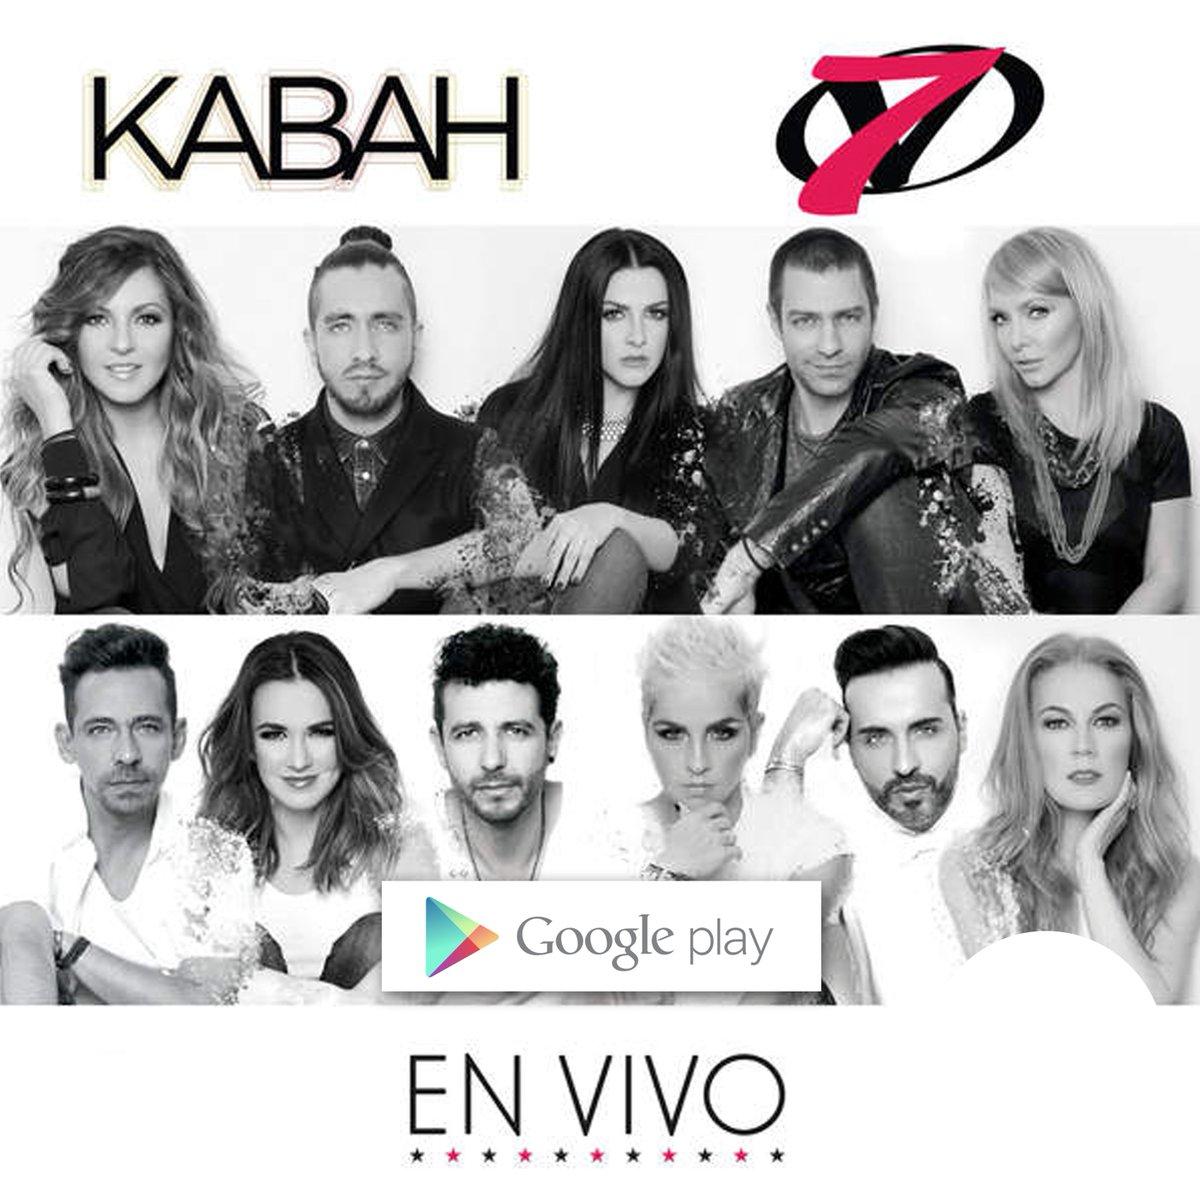 Grupo Kabah 2016